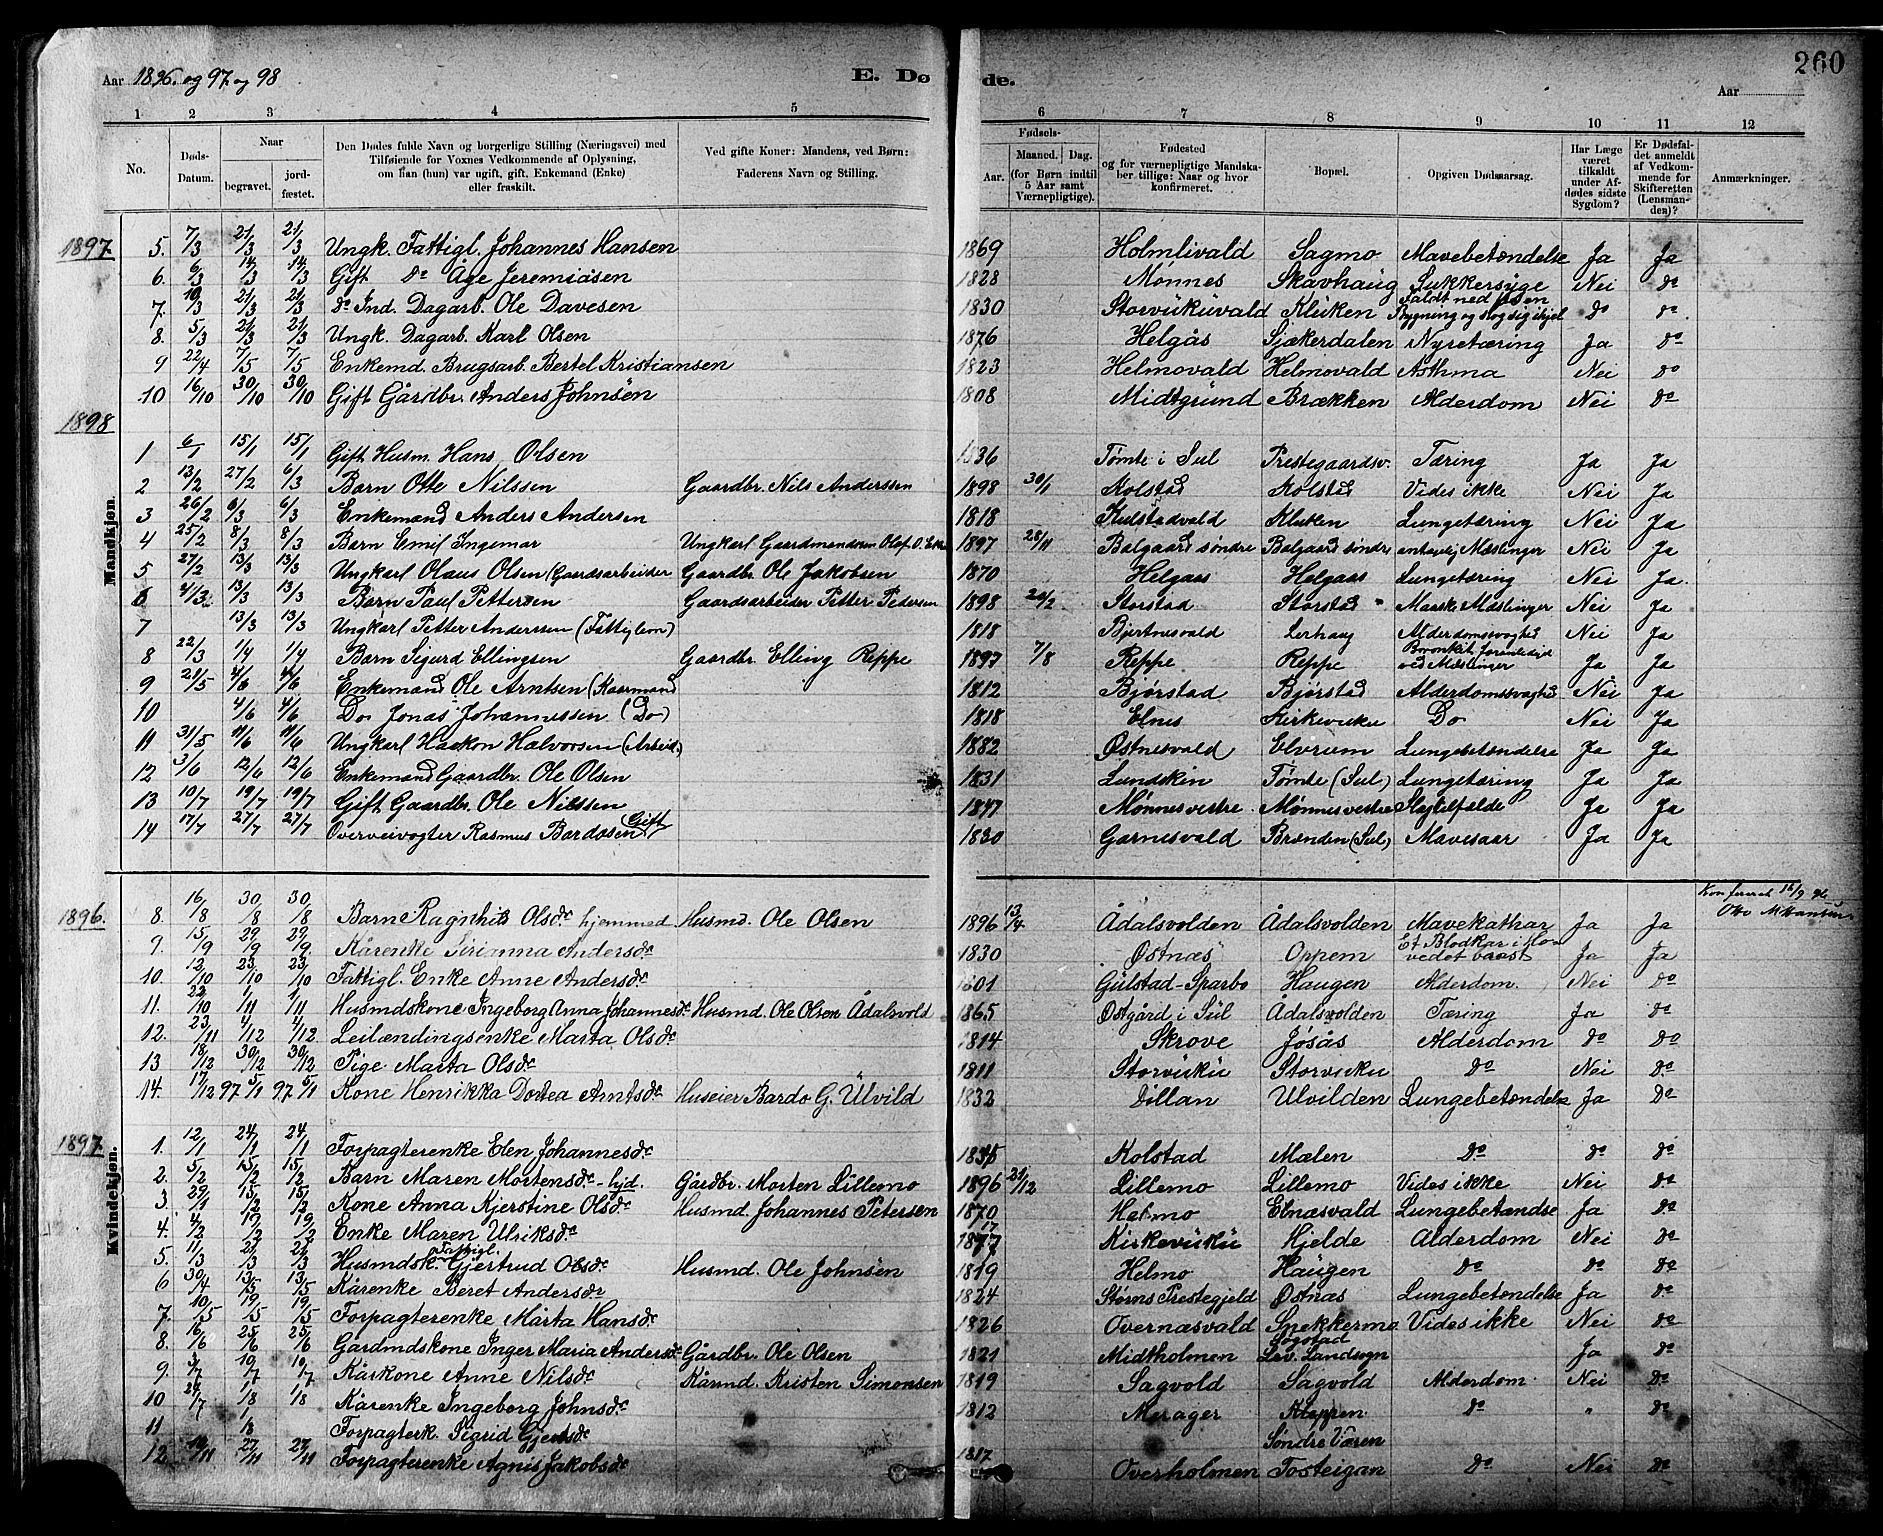 SAT, Ministerialprotokoller, klokkerbøker og fødselsregistre - Nord-Trøndelag, 724/L0267: Klokkerbok nr. 724C03, 1879-1898, s. 260